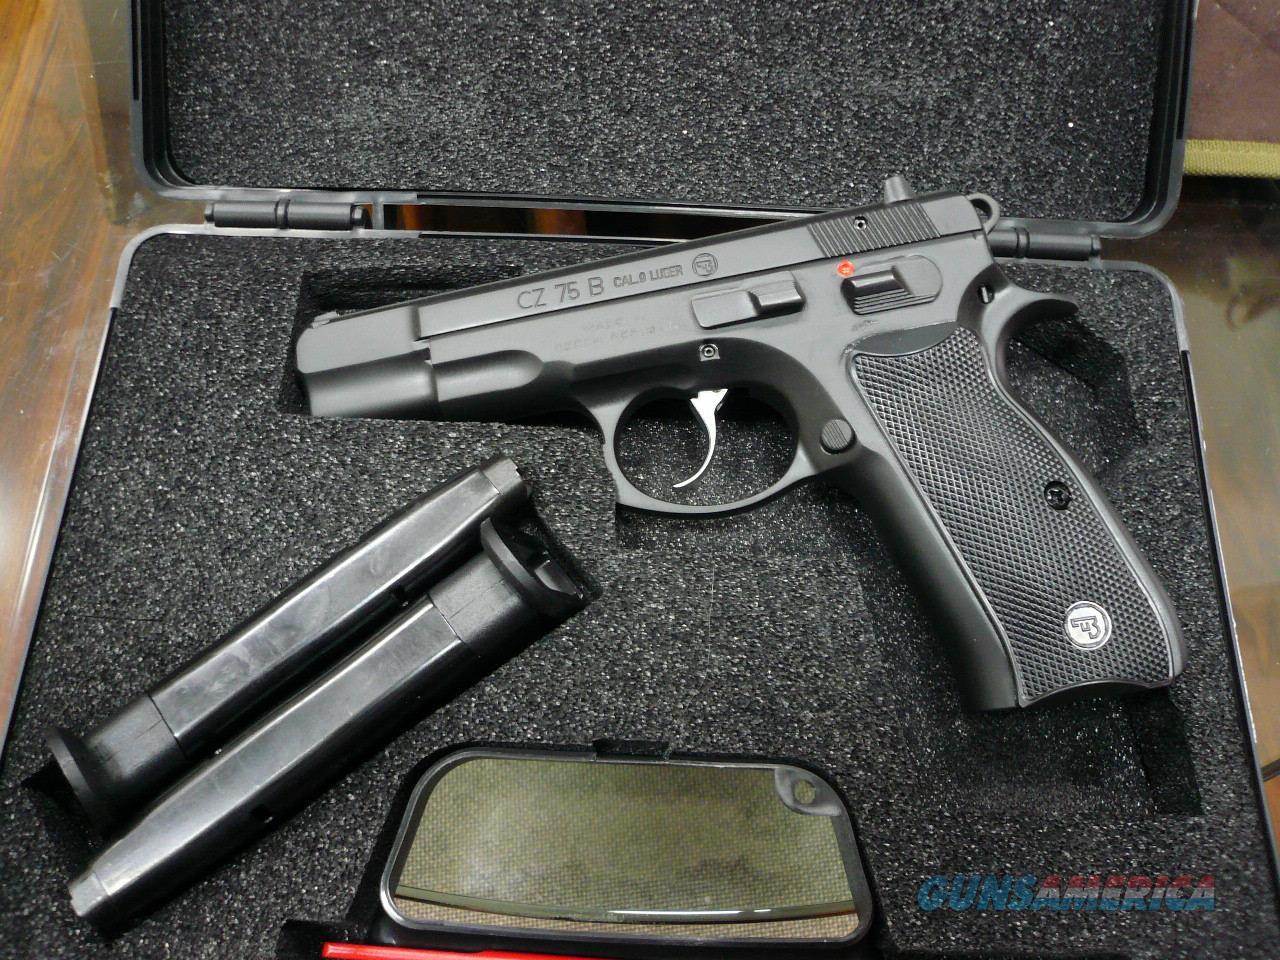 75 B ,9mm NIB  Guns > Pistols > CZ Pistols